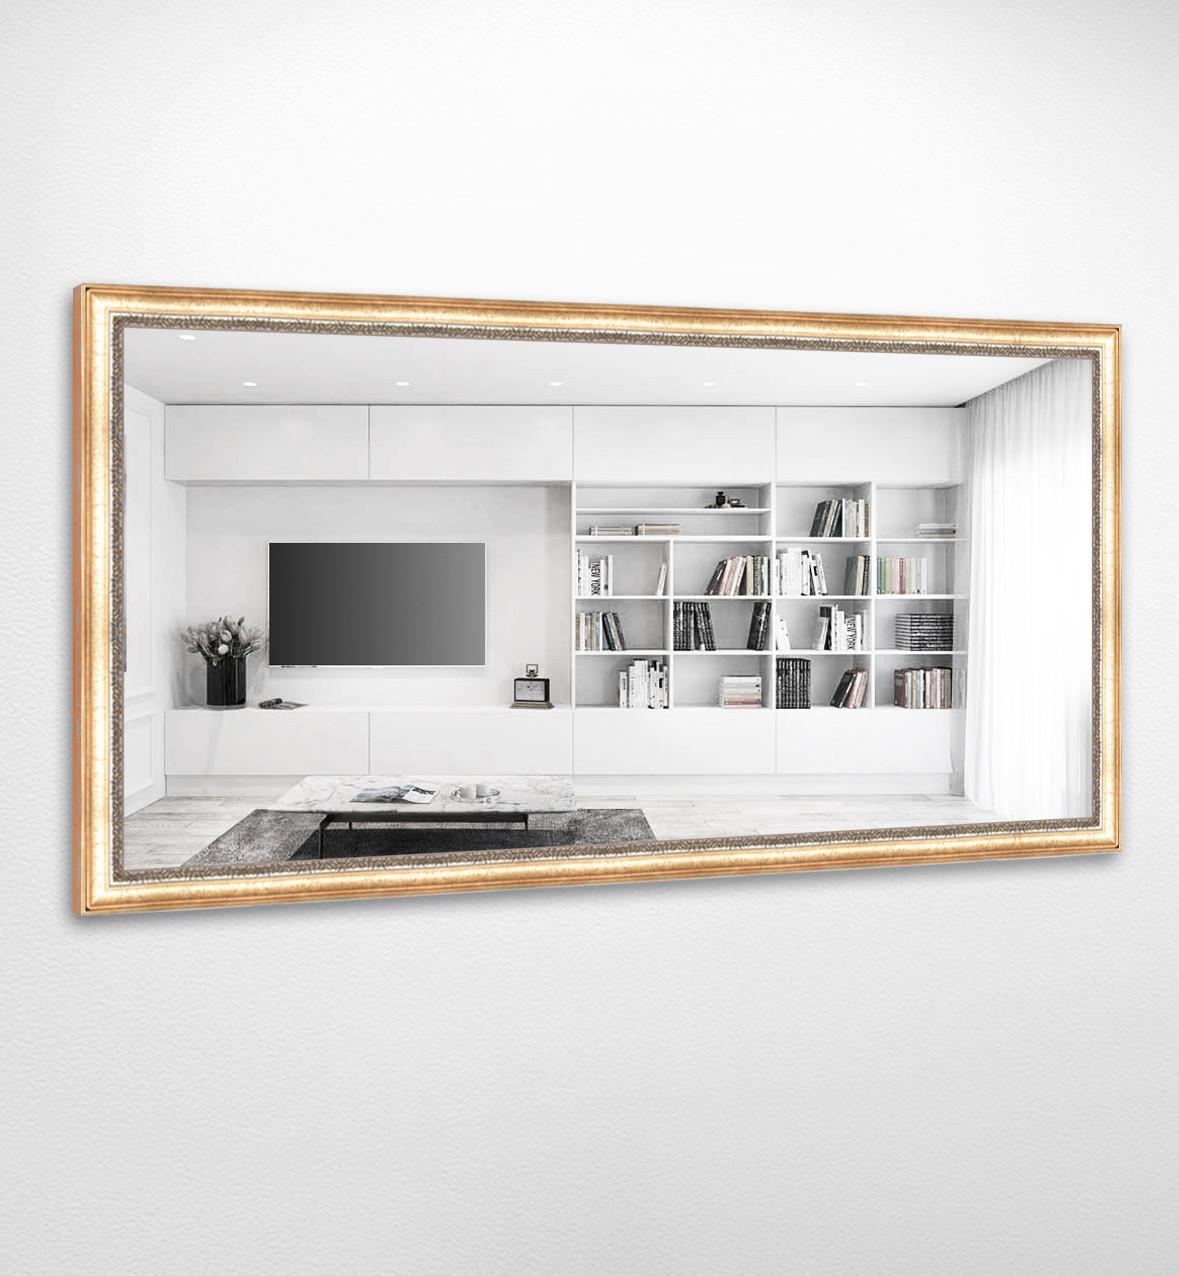 Настенное зеркало БЦ Стол Миранда прямоугольное B01 золотое